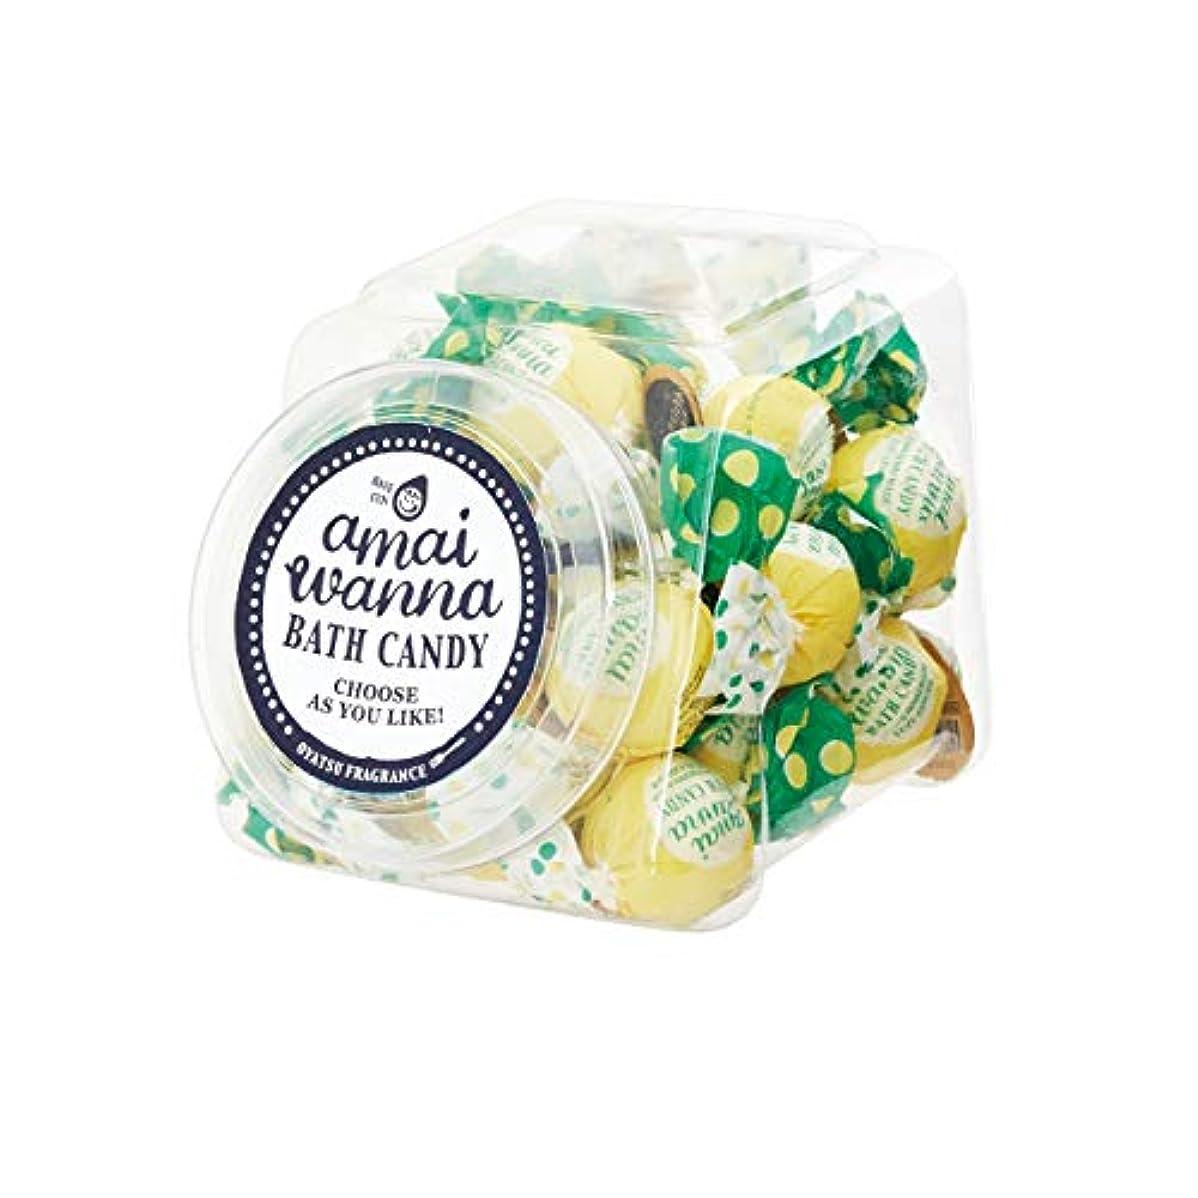 アマイワナSP バスキャンディーポットセット24粒入り(ママのゆずジンジャー バスギフト キャンディーの形の入浴料 大人可愛い)